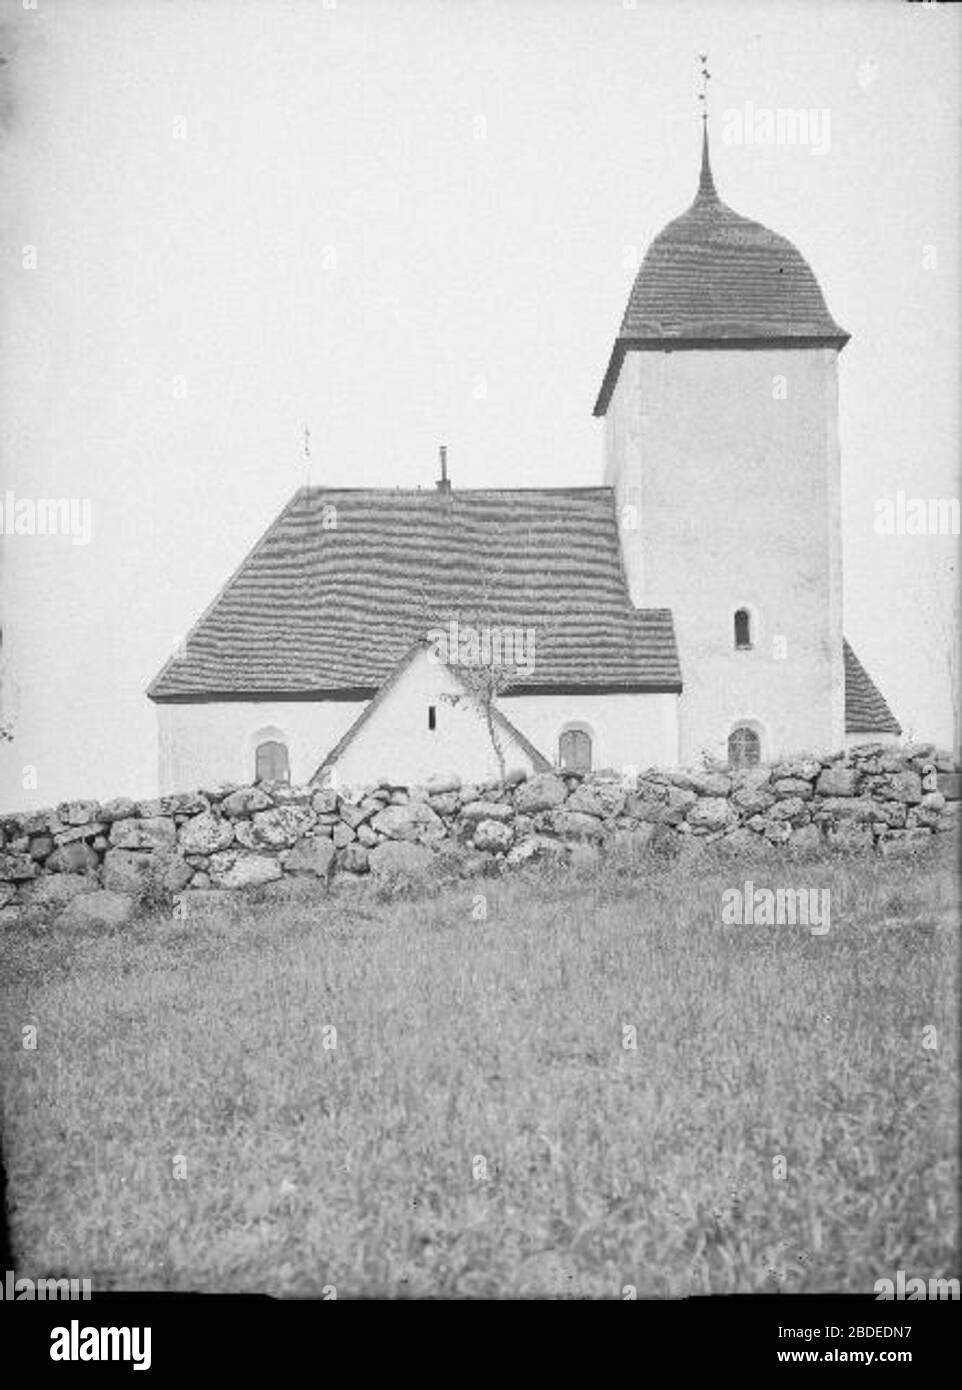 Eriksson - Offentliga medlemsfoton och skannade - Ancestry